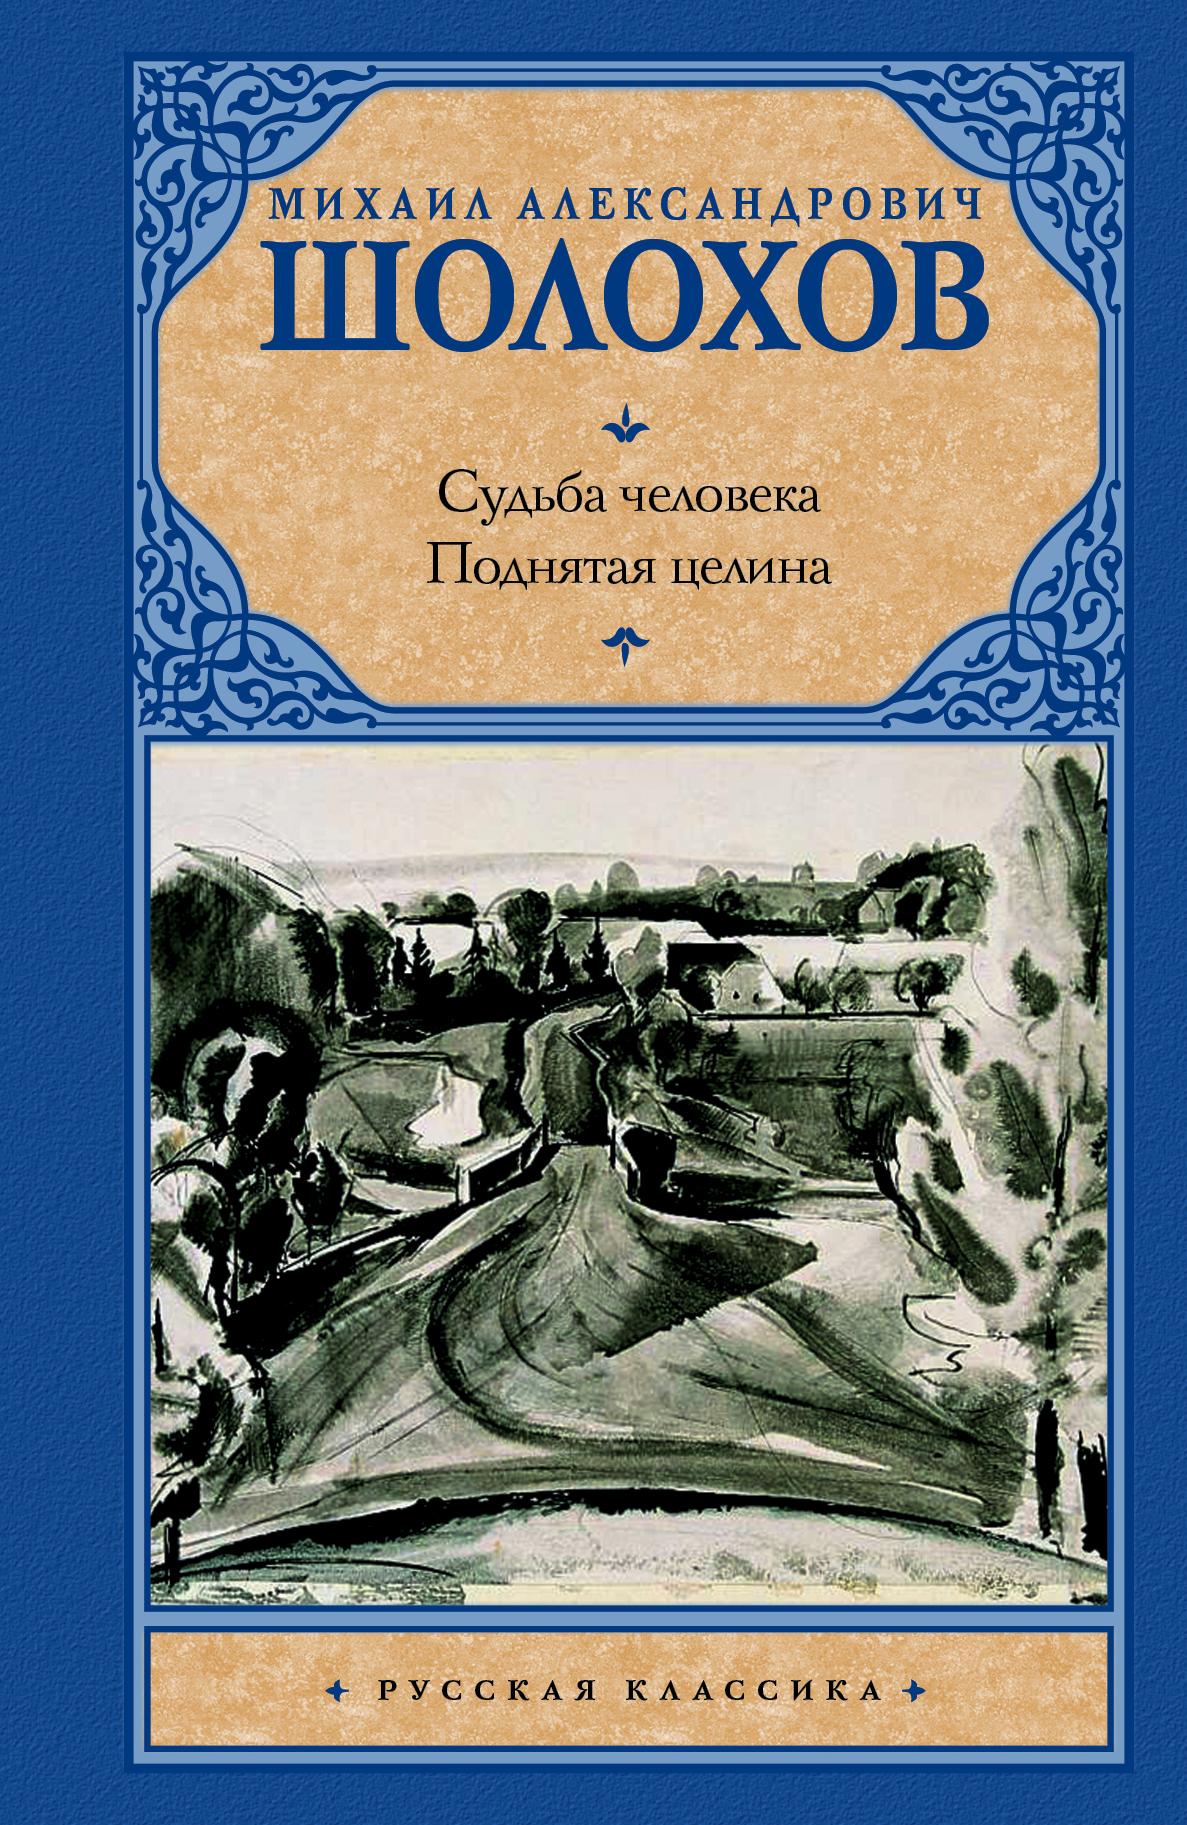 М. А. Шолохов Судьба человека. Поднятая целина книги издательство аст поднятая целина